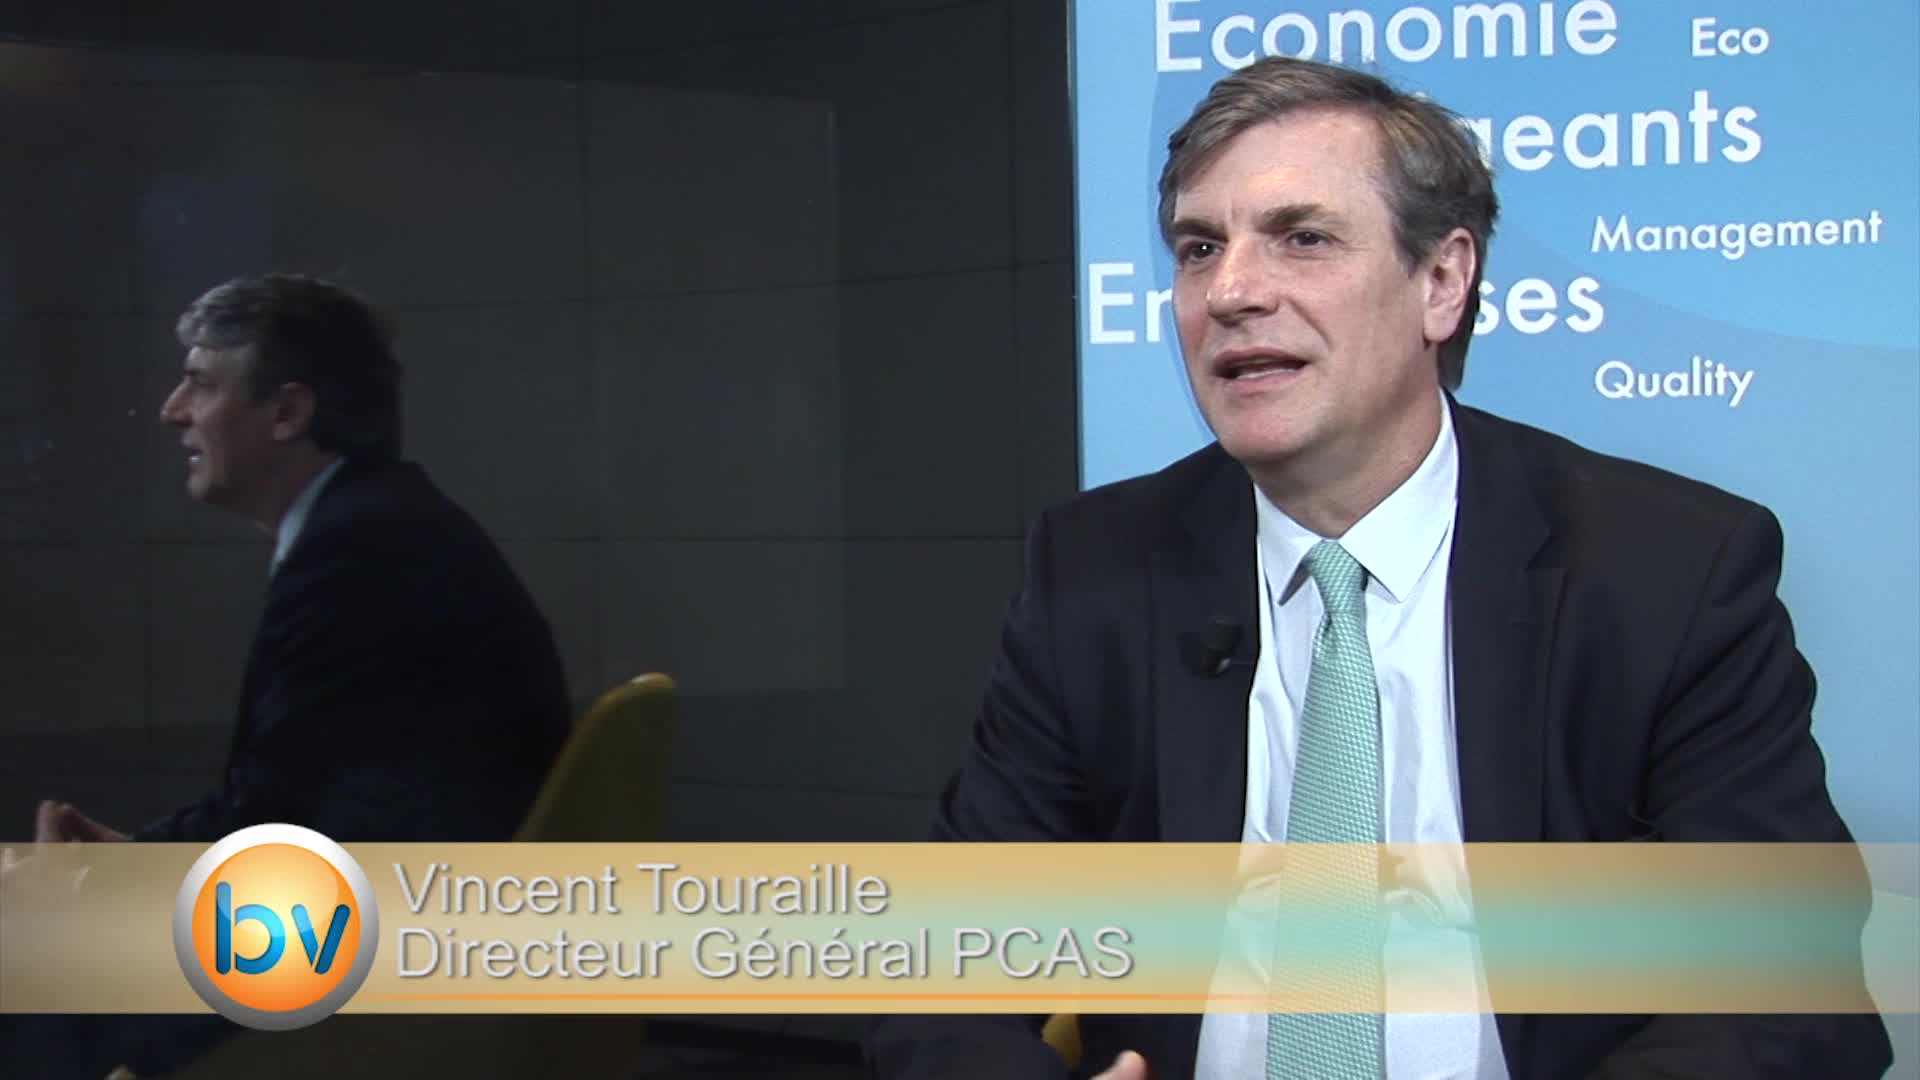 """Vincent Touraille Directeur Général P.C.A.S : """"On recherche de la croissance externe"""""""